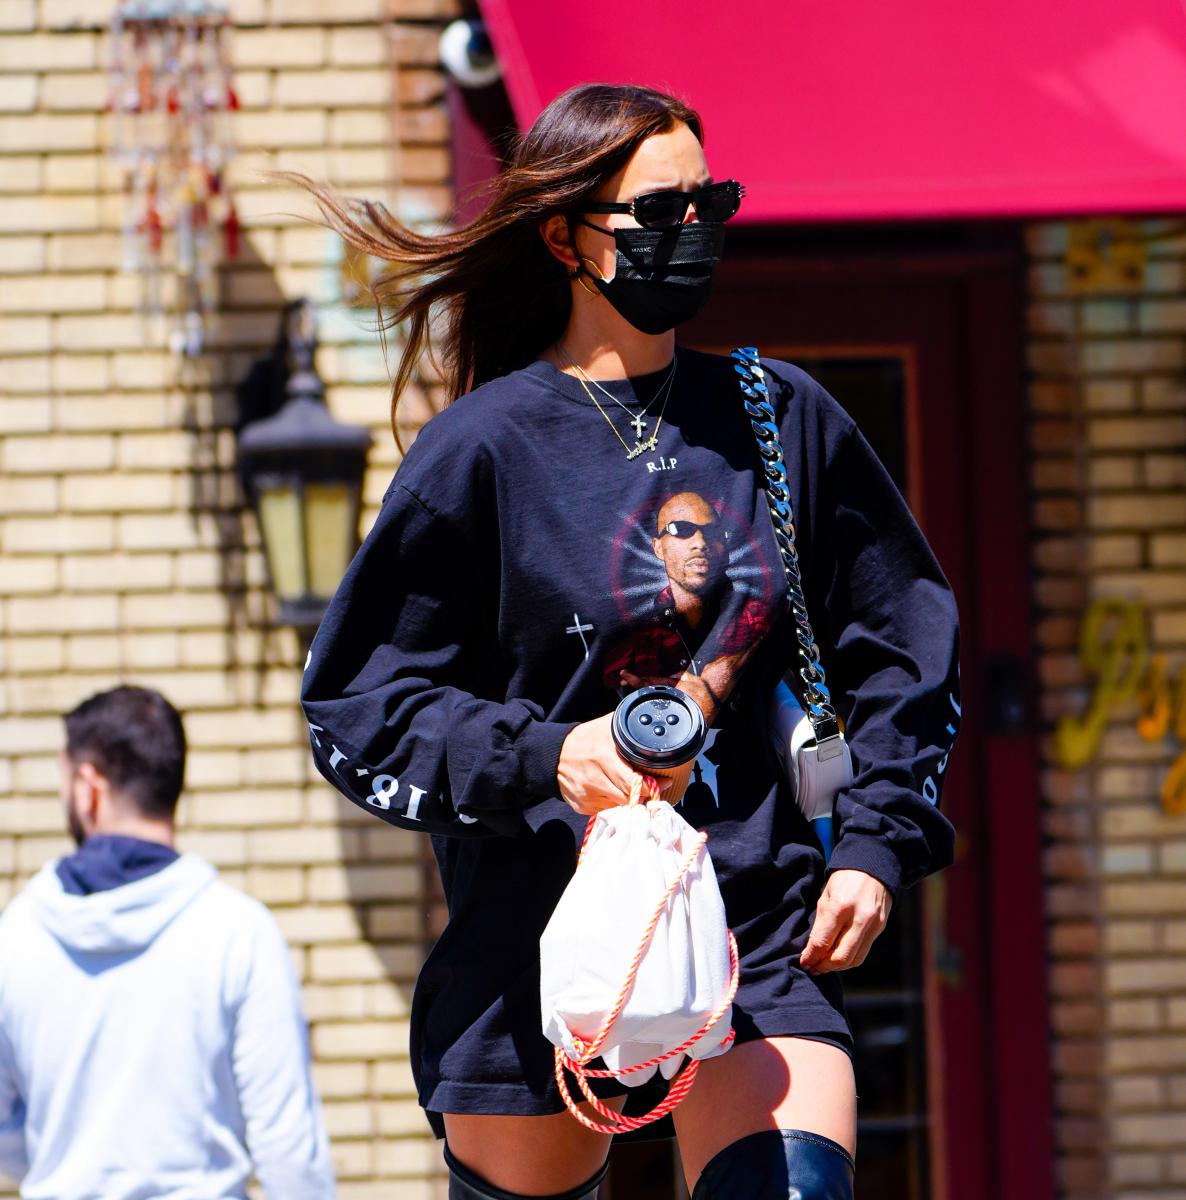 カニエがDMXのトリビュートとしてバレンシアガと共に制作したシャツを着るイリーナ。